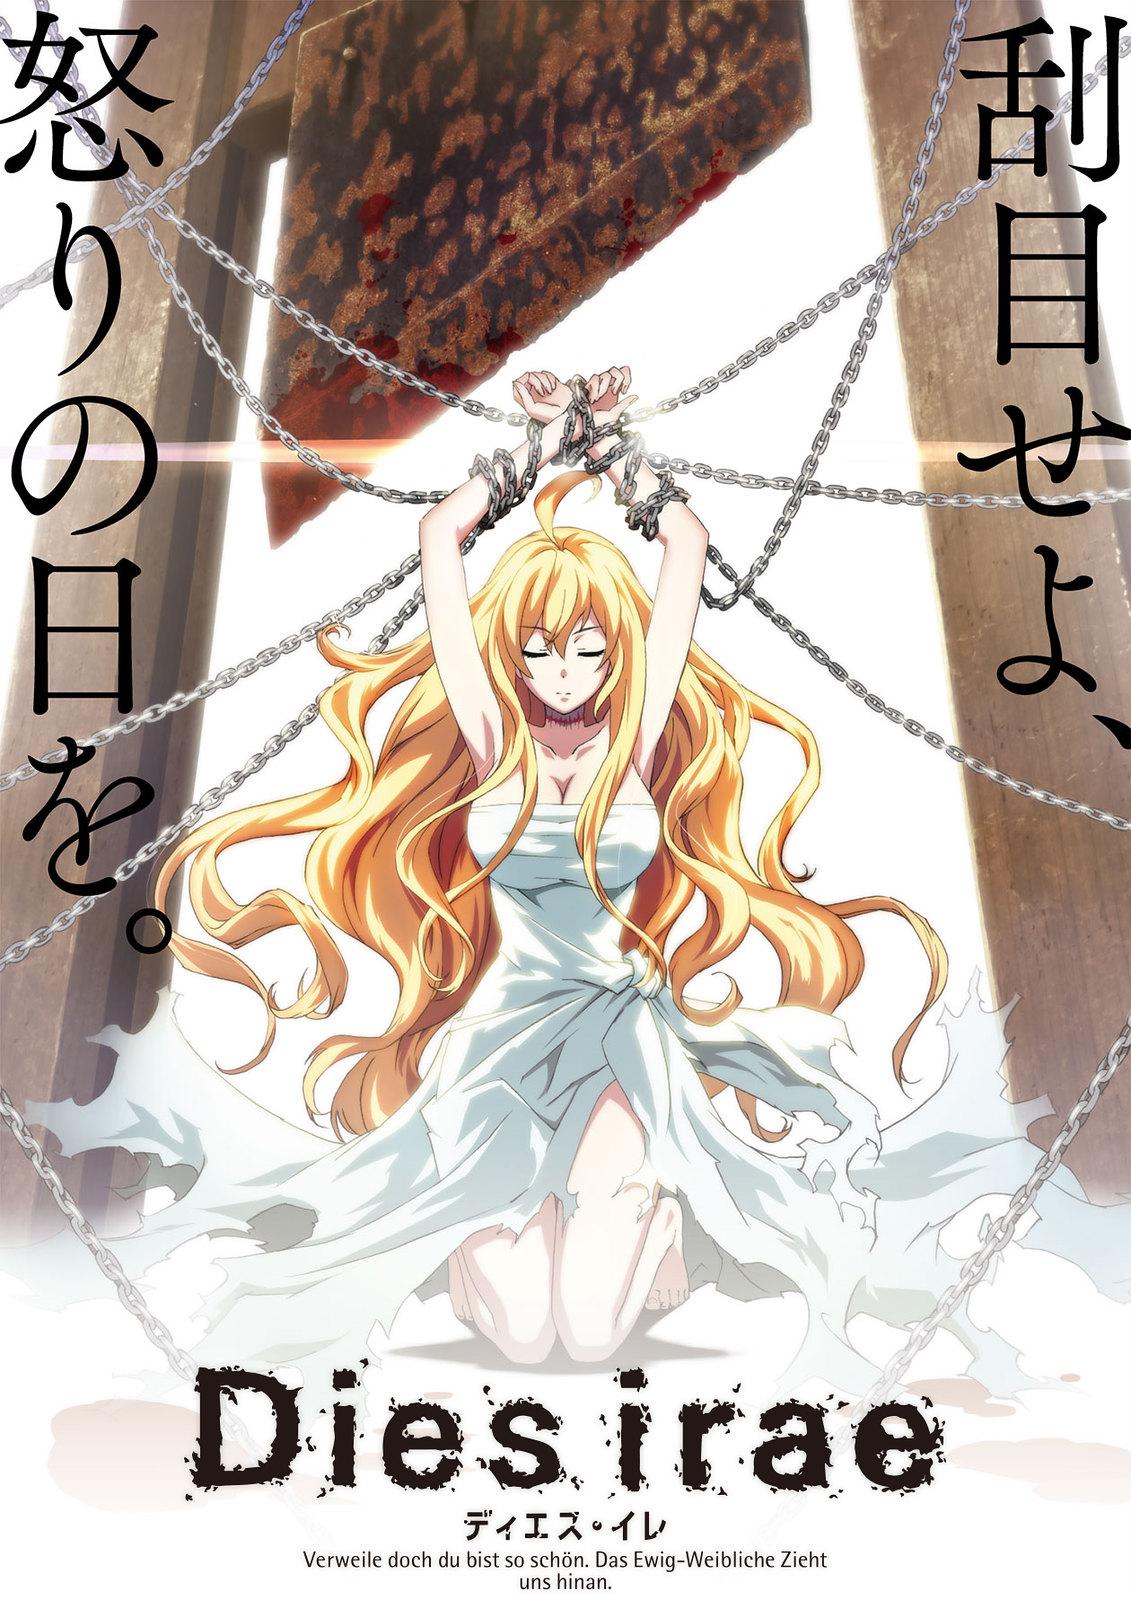 170809(1) - 日本群眾募資史上最高額『9656萬日圓』18禁遊戲改編動畫《Dies irae》宣布10/6堂堂首播!